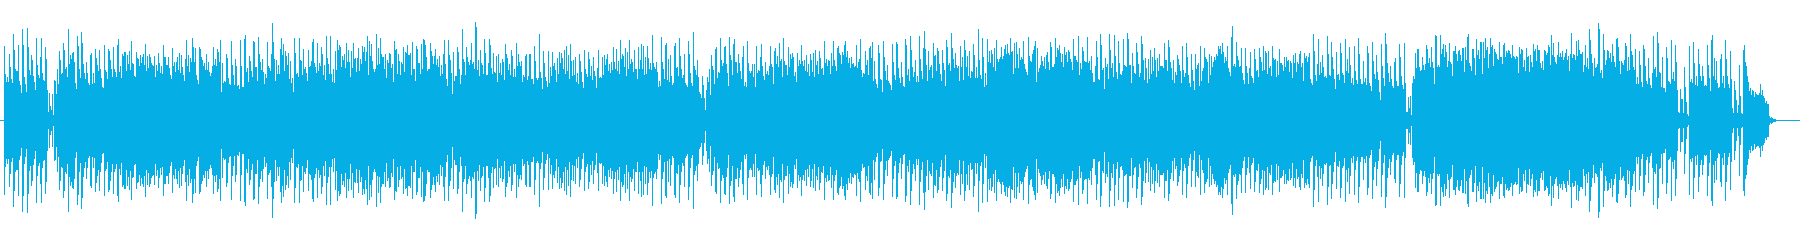 冬を感じるメロディアスでポップなBGMの再生済みの波形